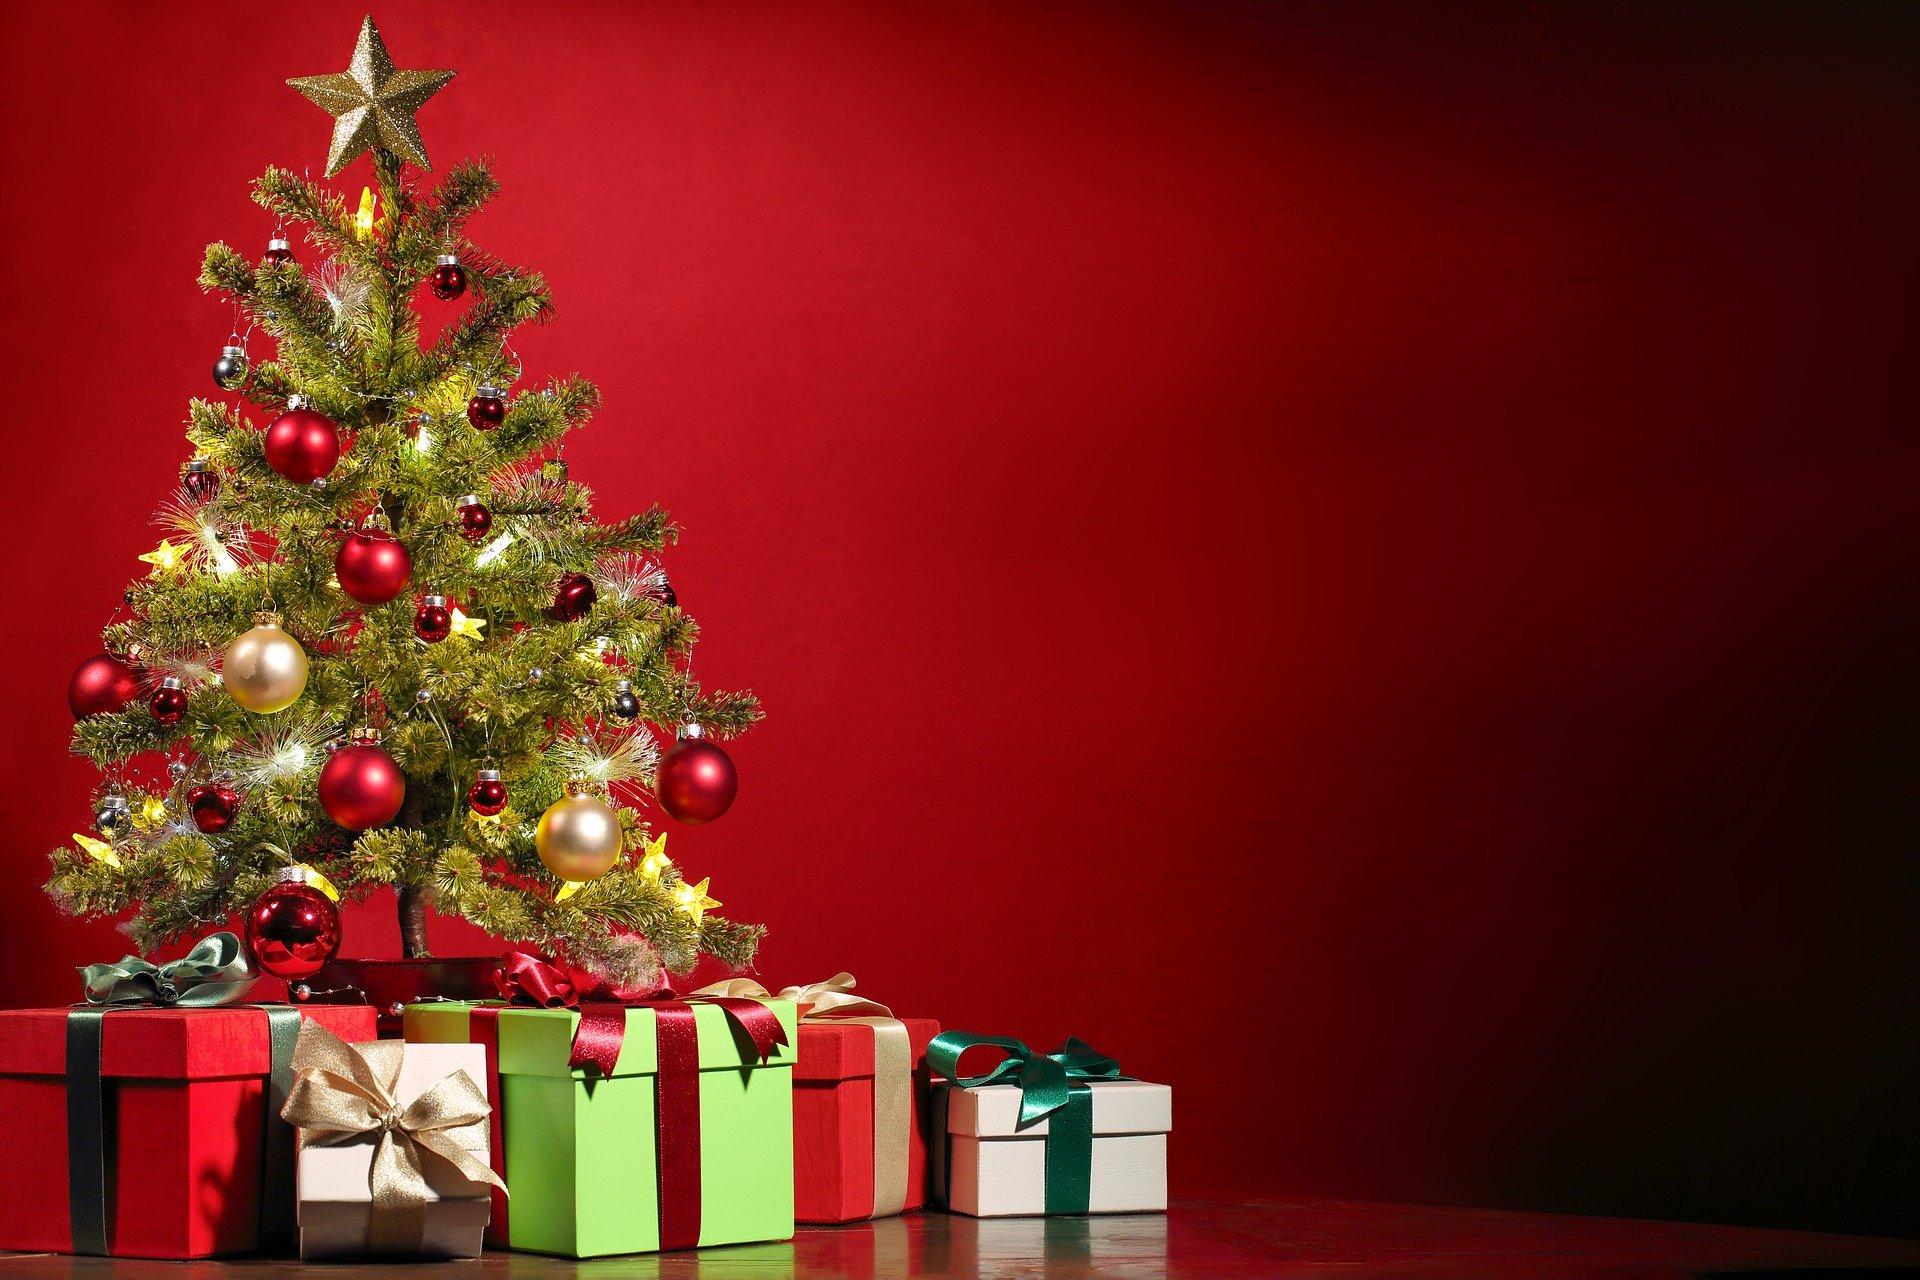 Vou contar aqui a história de um Natal feliz. Foto: Pixabay